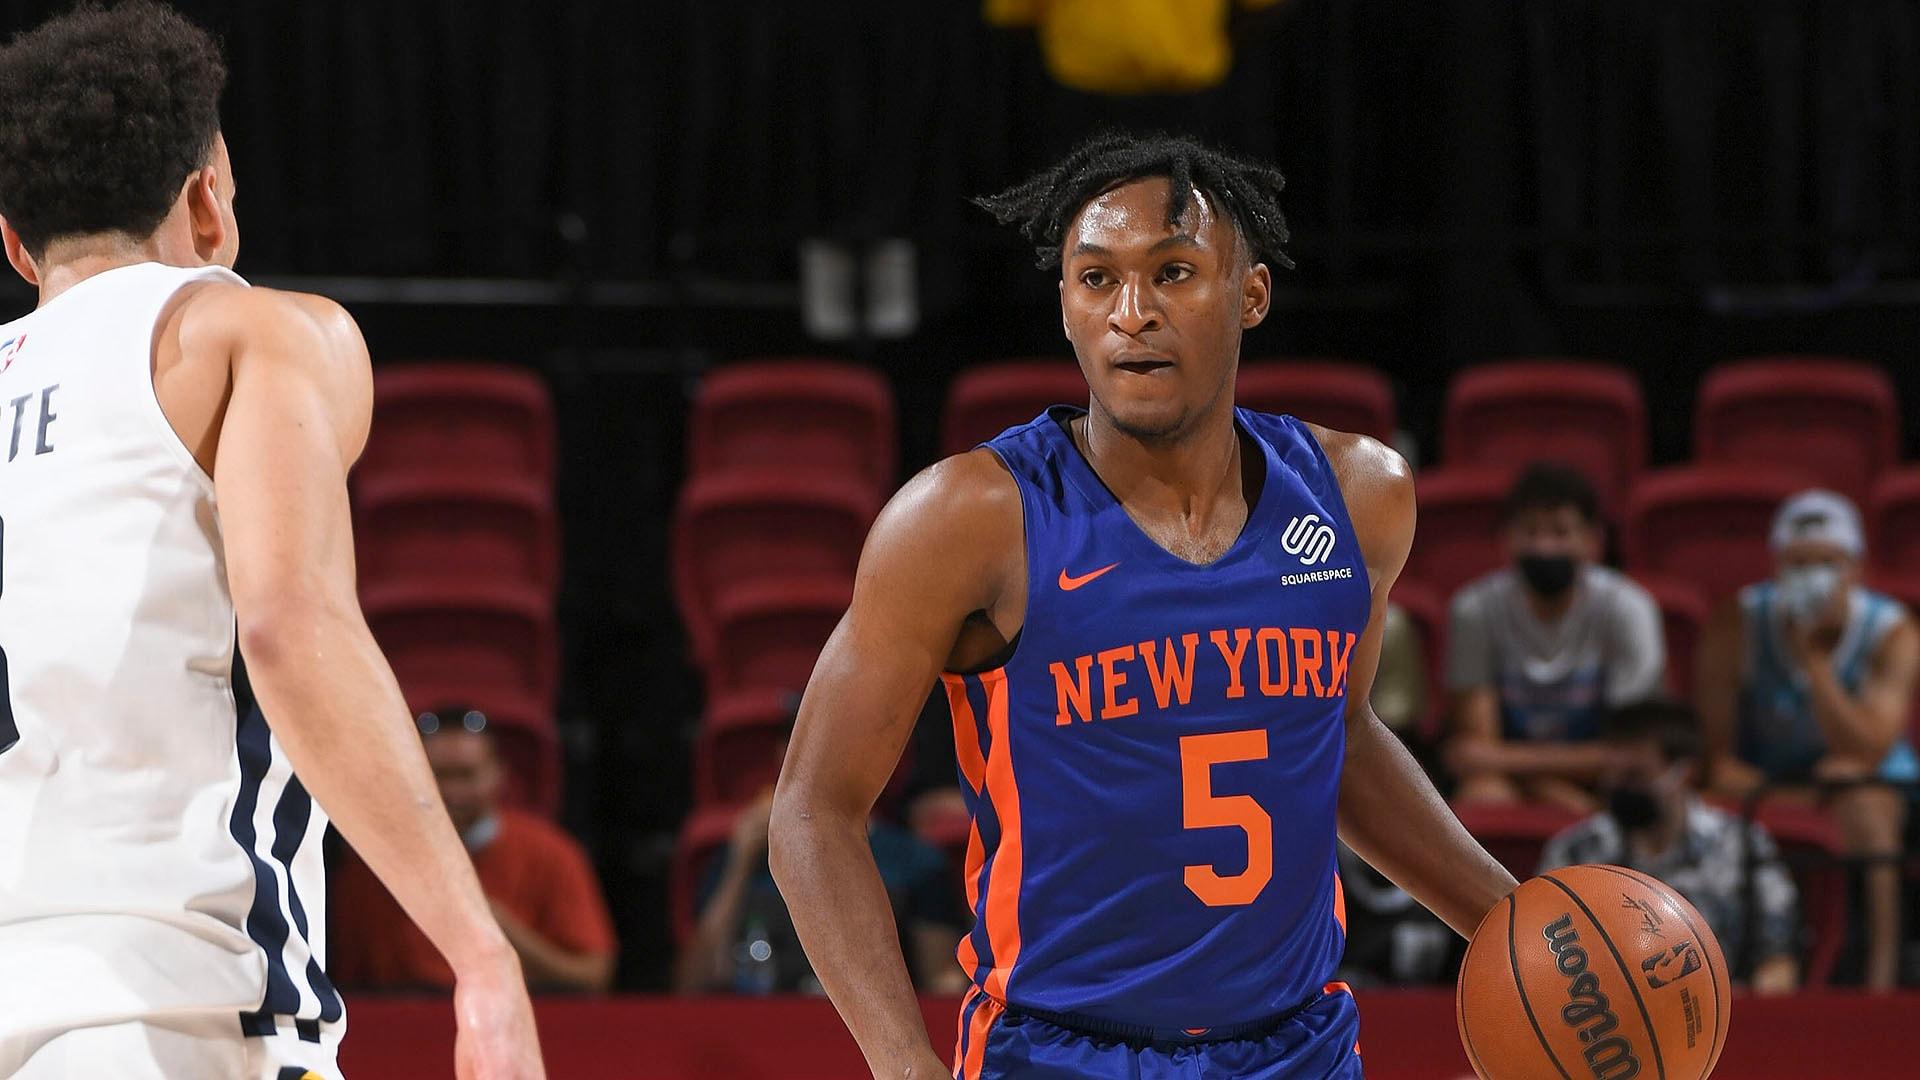 Las Vegas Summer League: Immanuel Quickley leads Knicks past Pacers